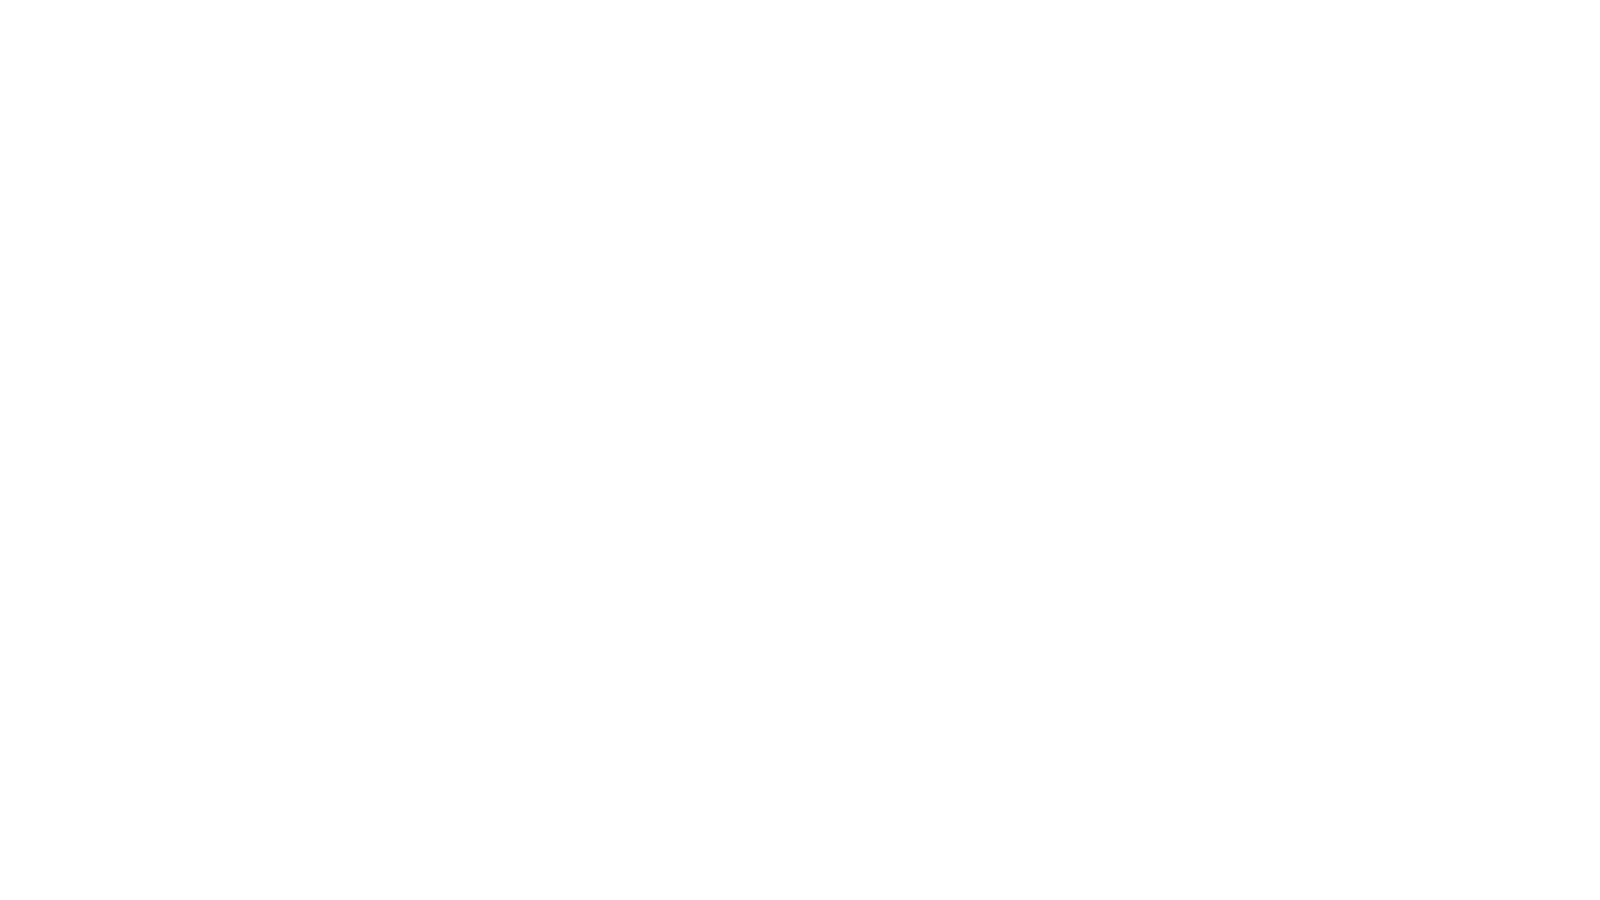 Rétro-action de la journée CAR 2021 (création | audace | résolution) du 27 janvier 2021.  Actrice : Salaura Didon Camerawoman : Samia Quinola  #car #car2021 #mcc #mcinecaraibe #missioncinemacaraibe #cinema #audiovisuel #projet #guadeloupe #westindies #france